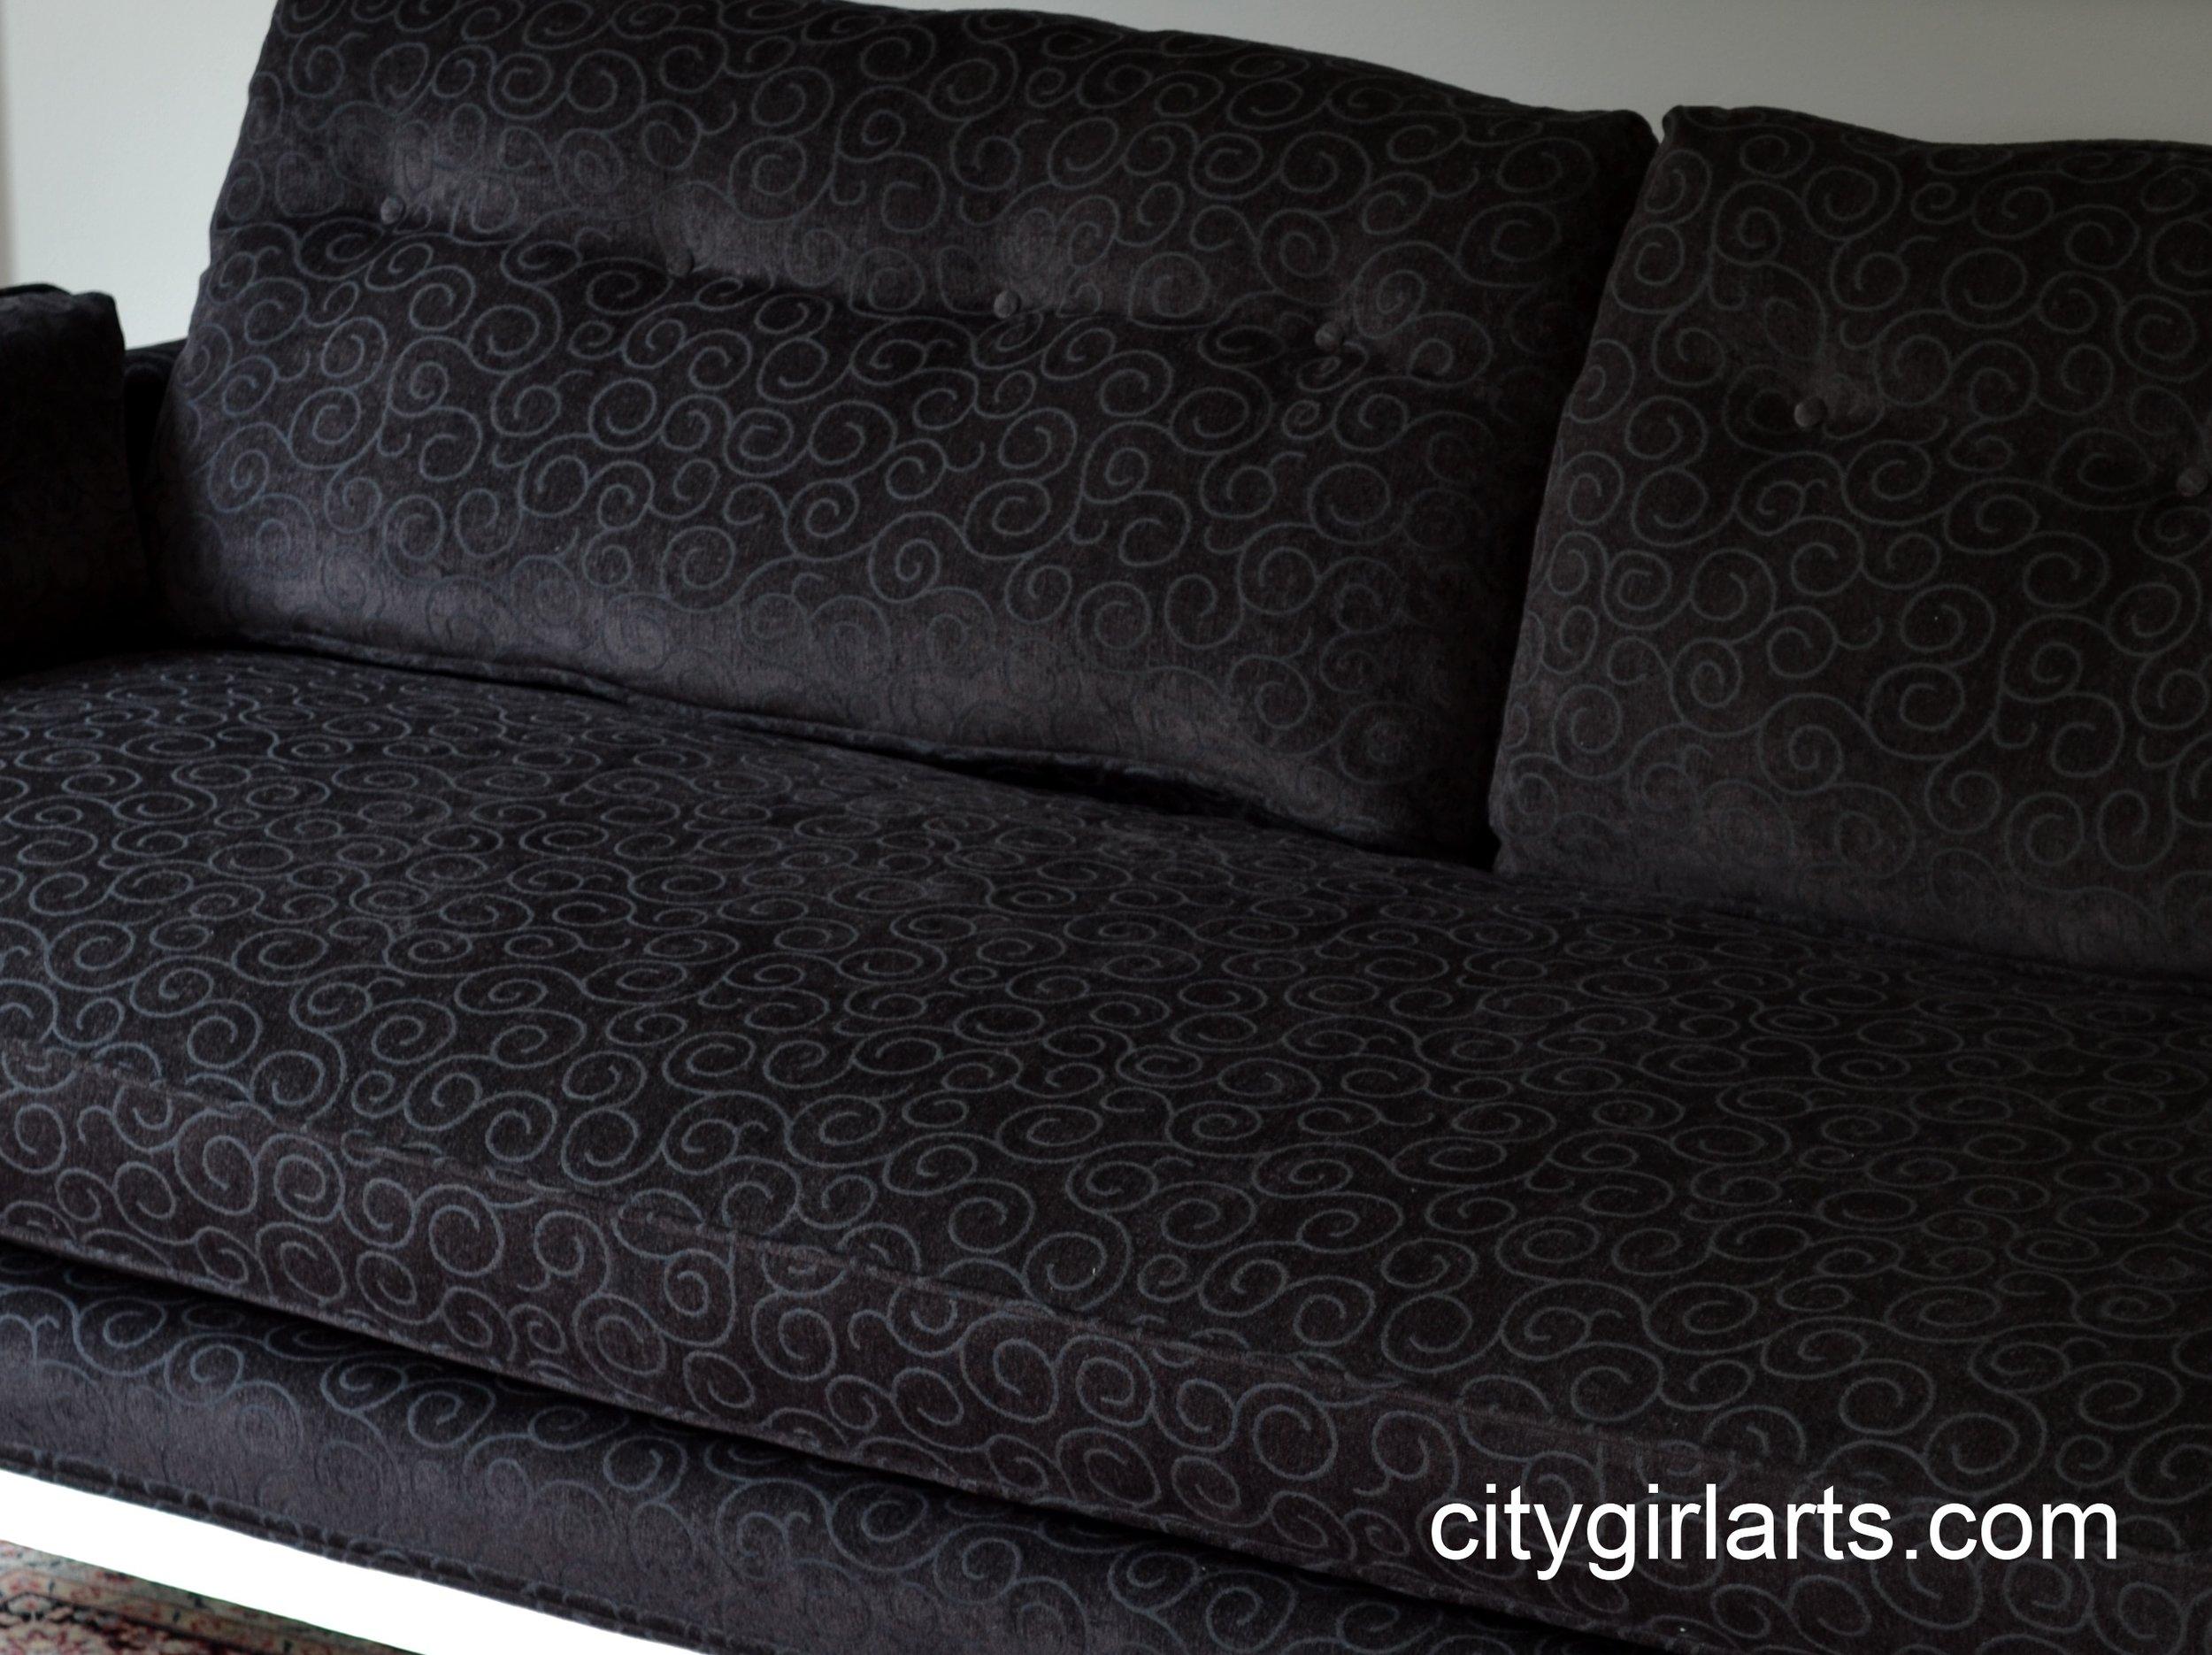 1965 Henredon Sofa